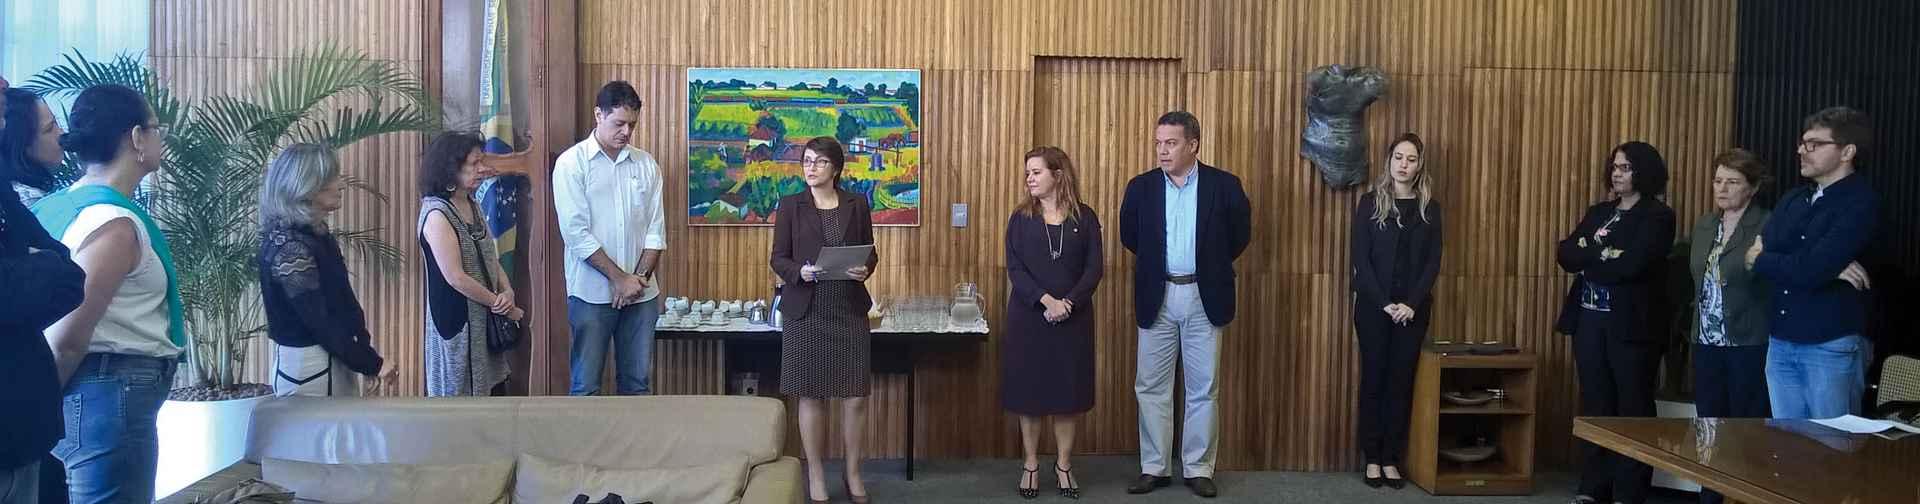 Solenidade reuniu autores e orientadores das teses premiadas no gabinete da Reitoria